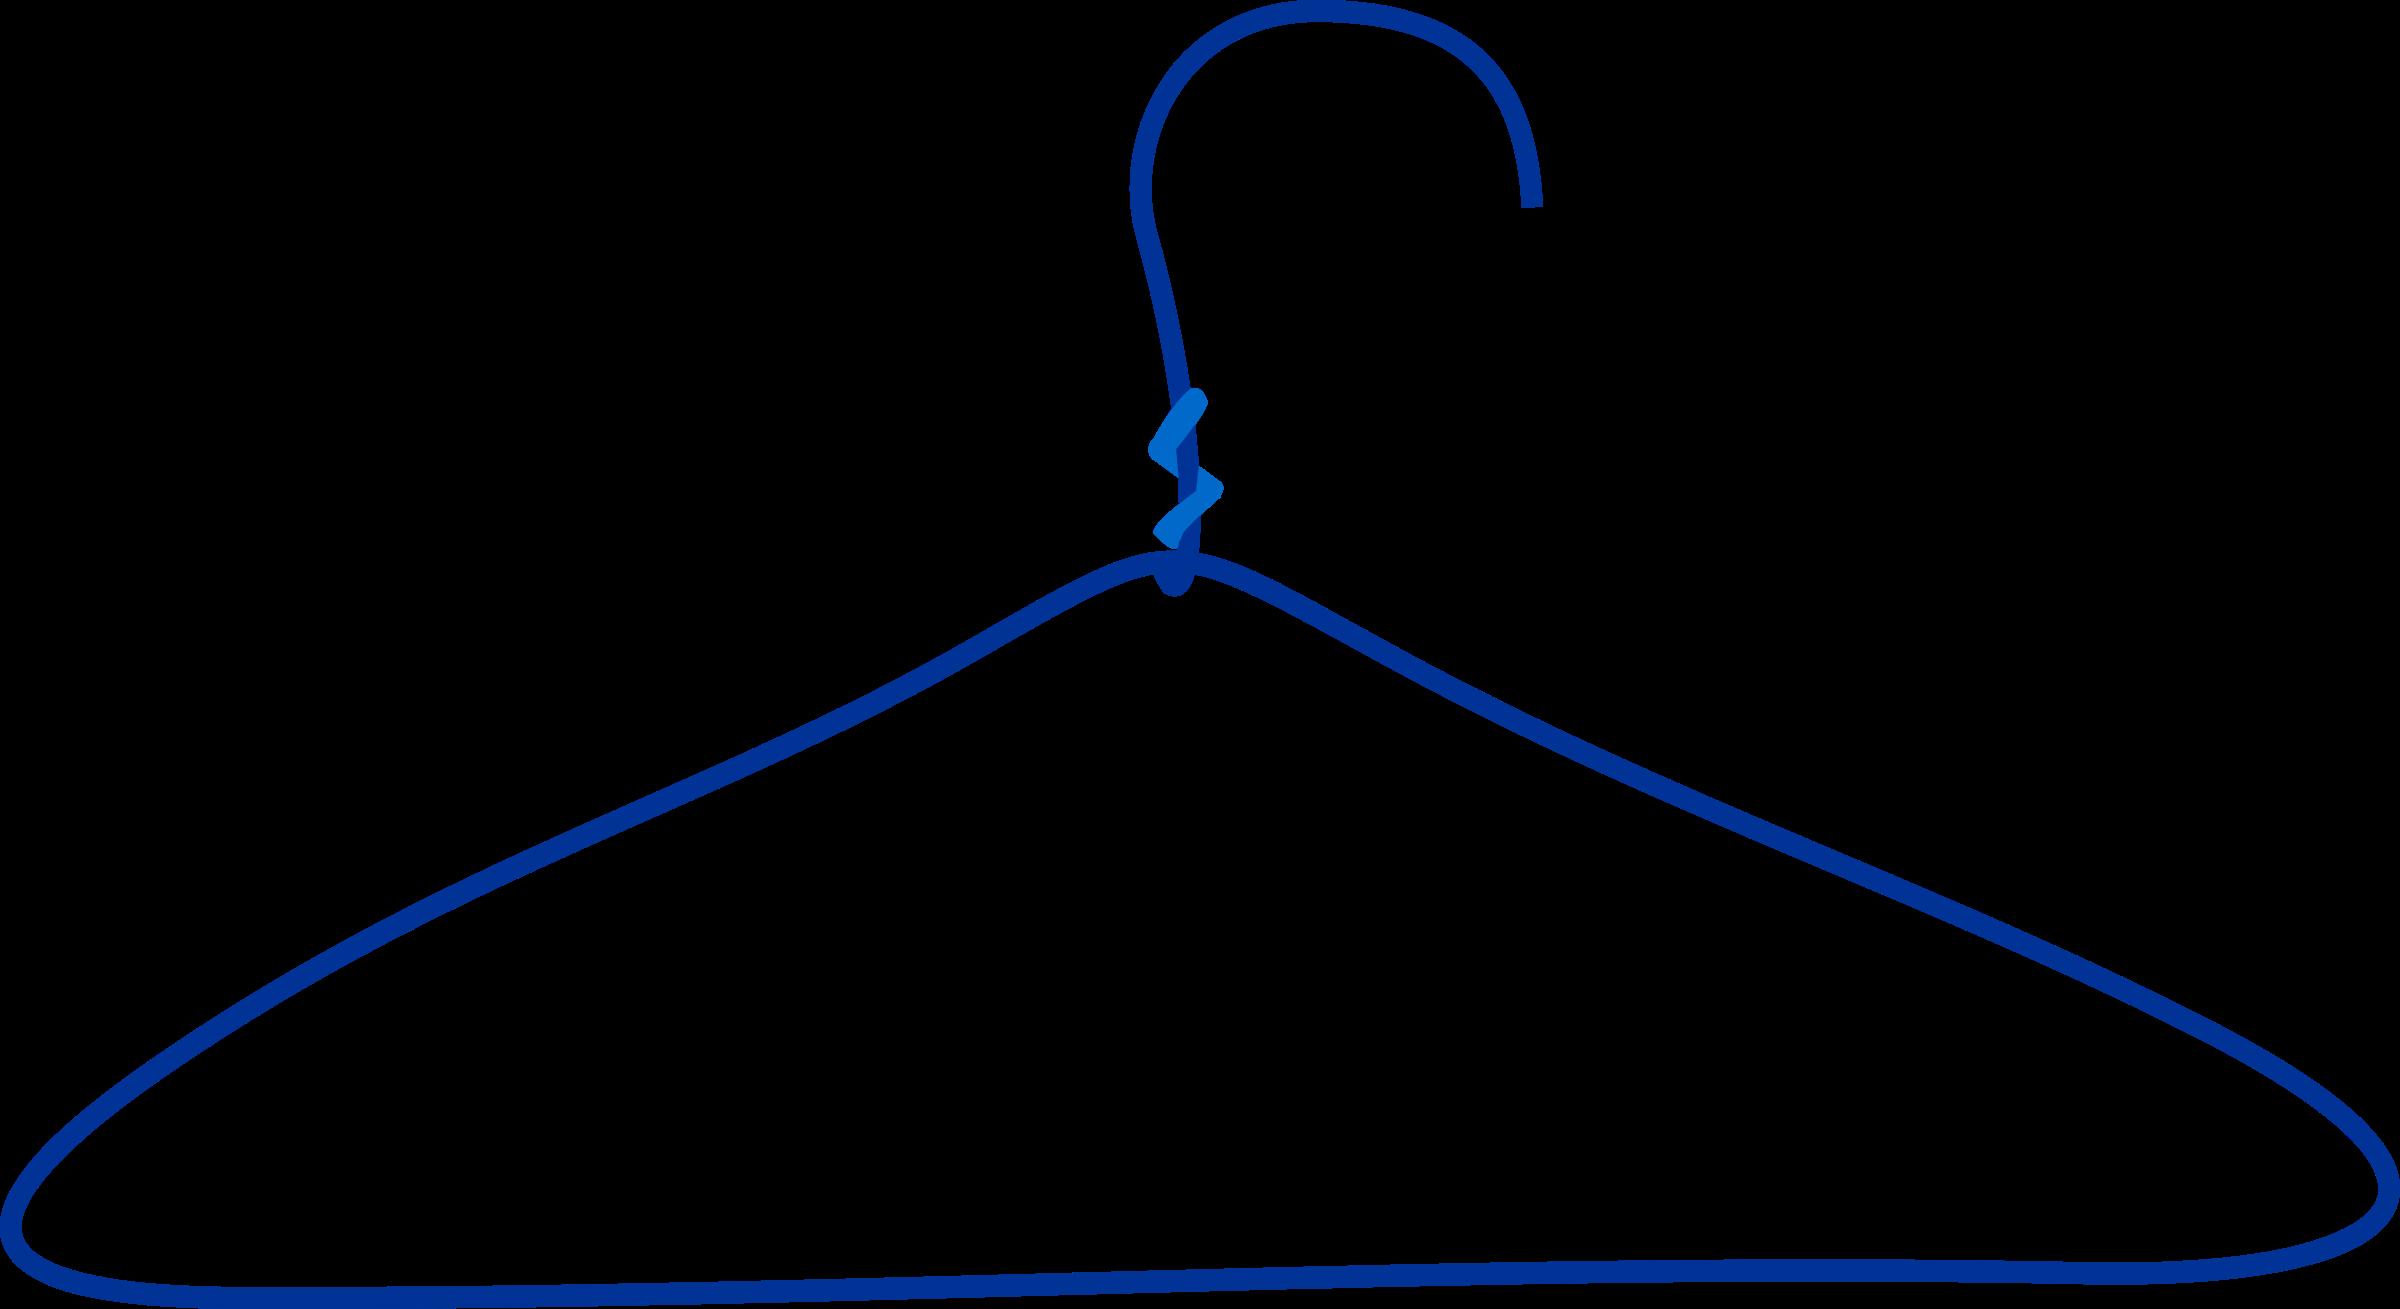 Big image png. Hook clipart coat hook